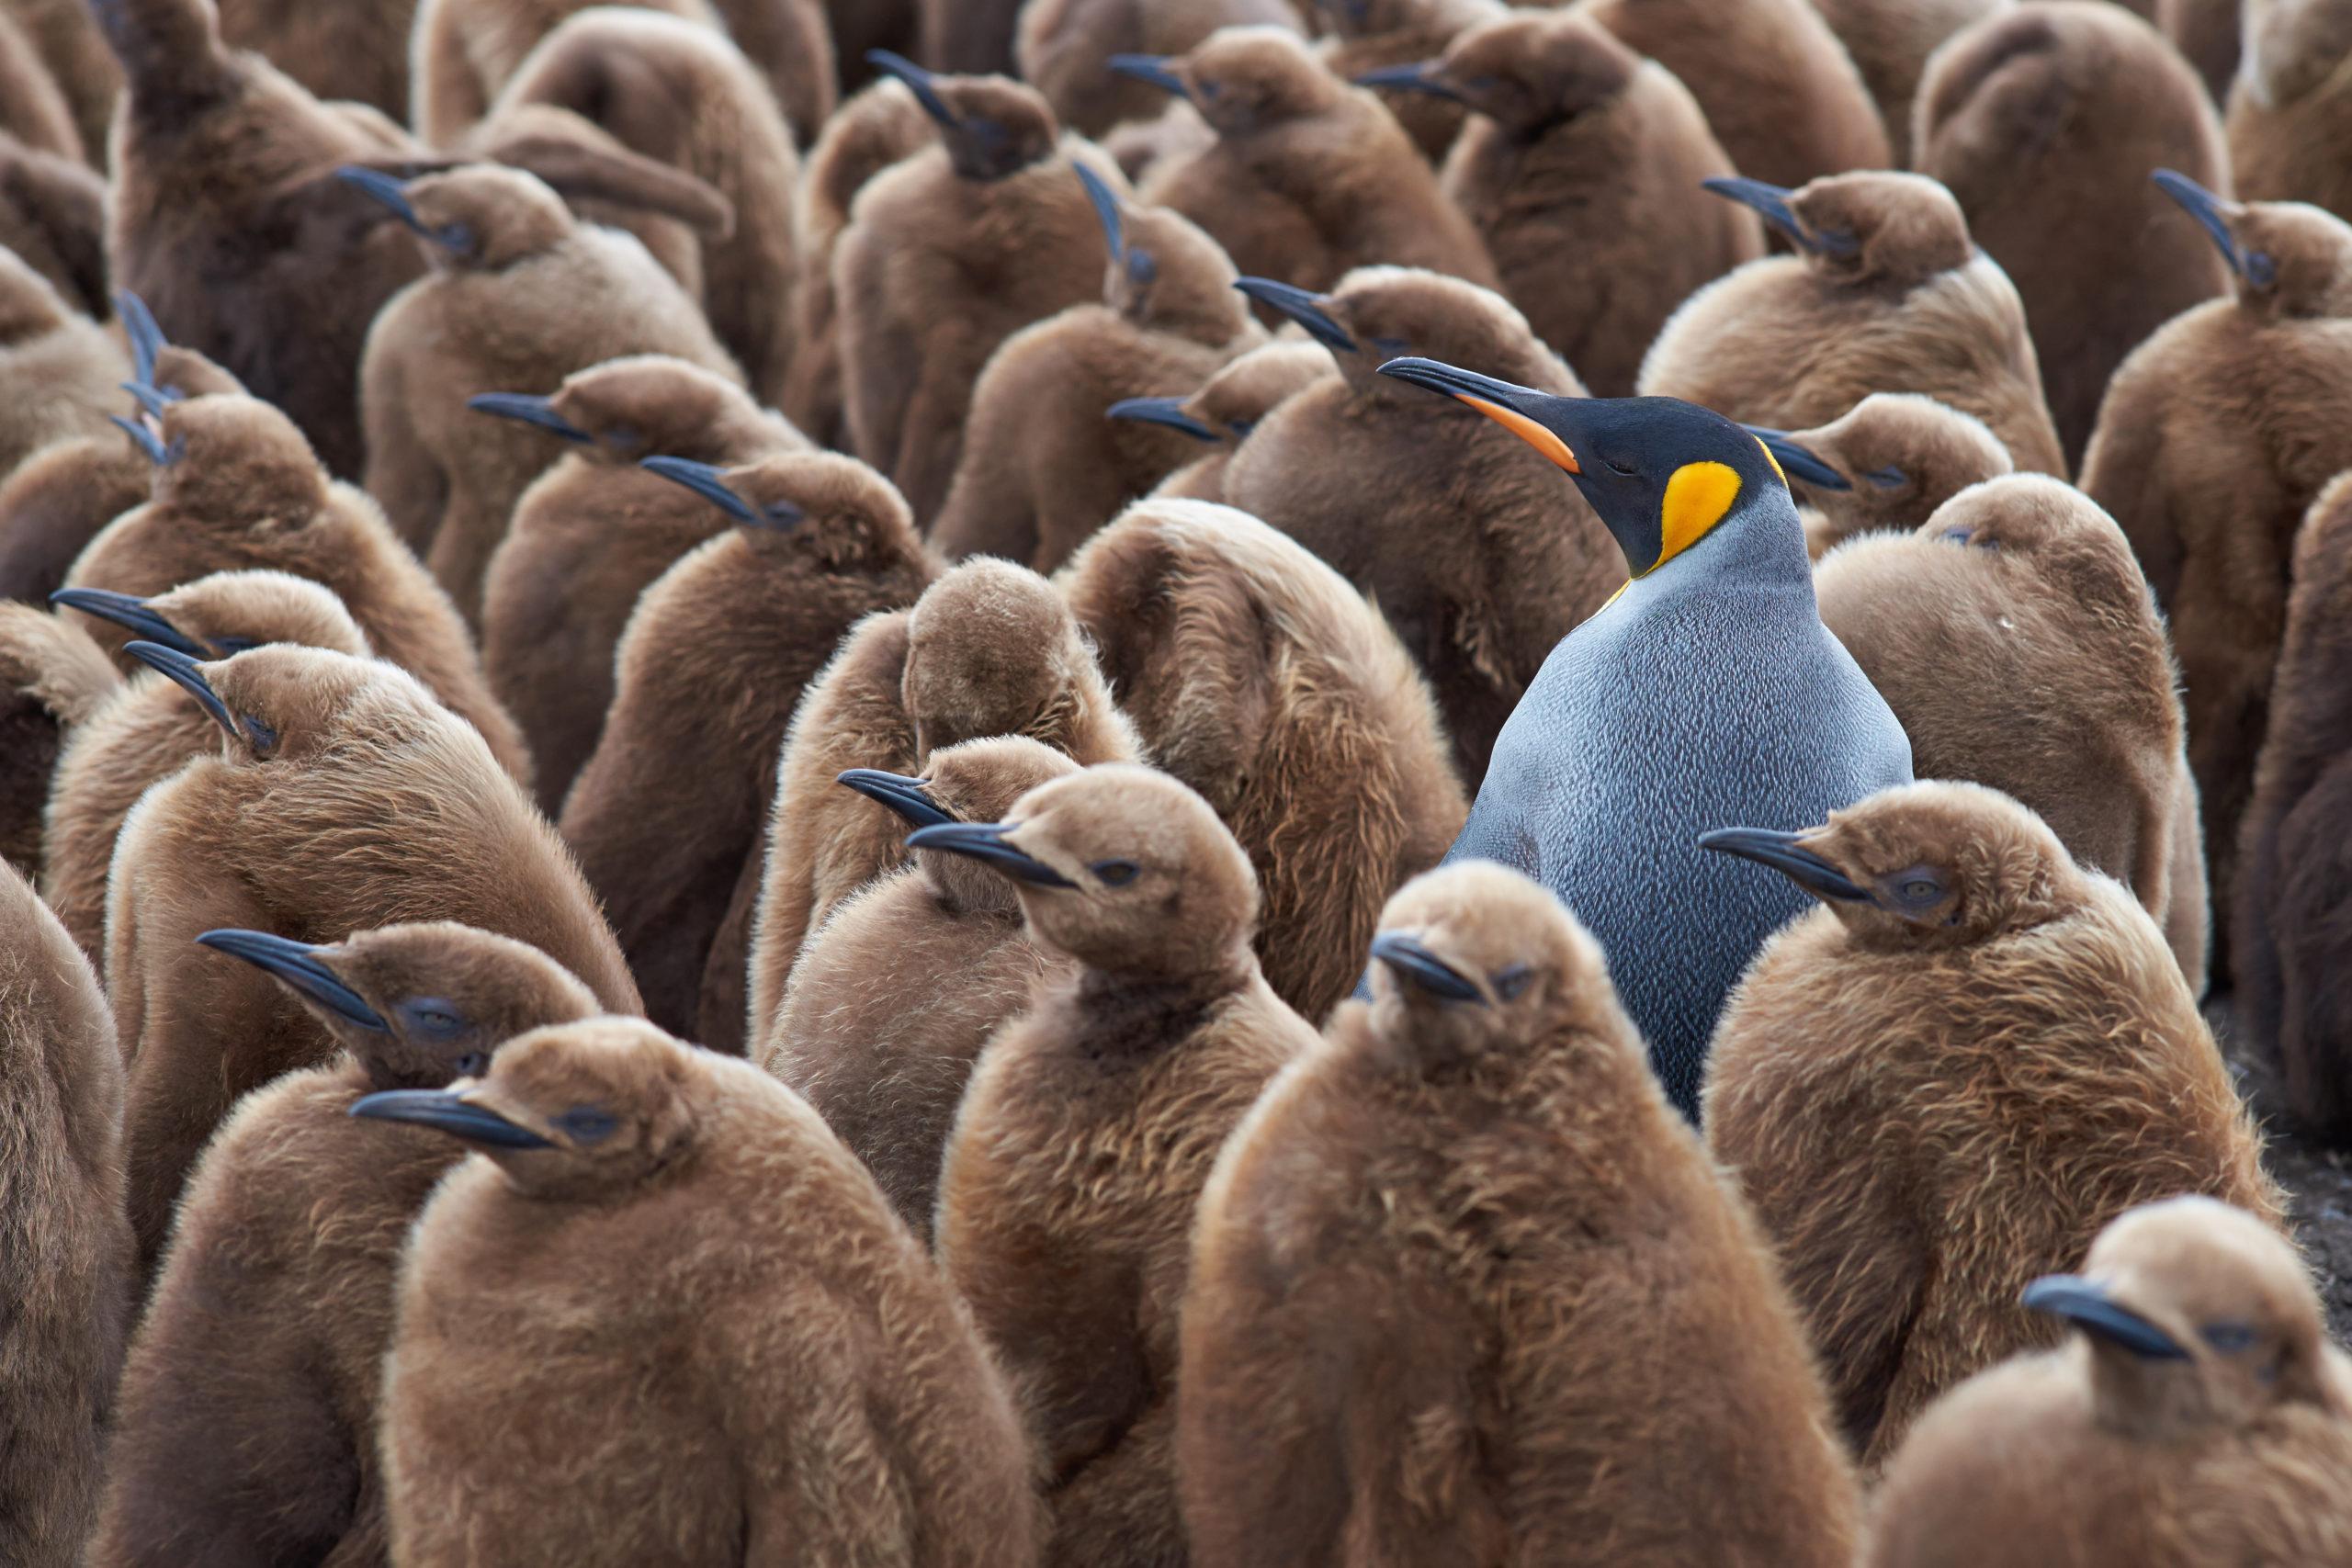 Die eigene Persönlichkeit: Königspinguin in einer Gruppe von heranwachsenden Pinguinen